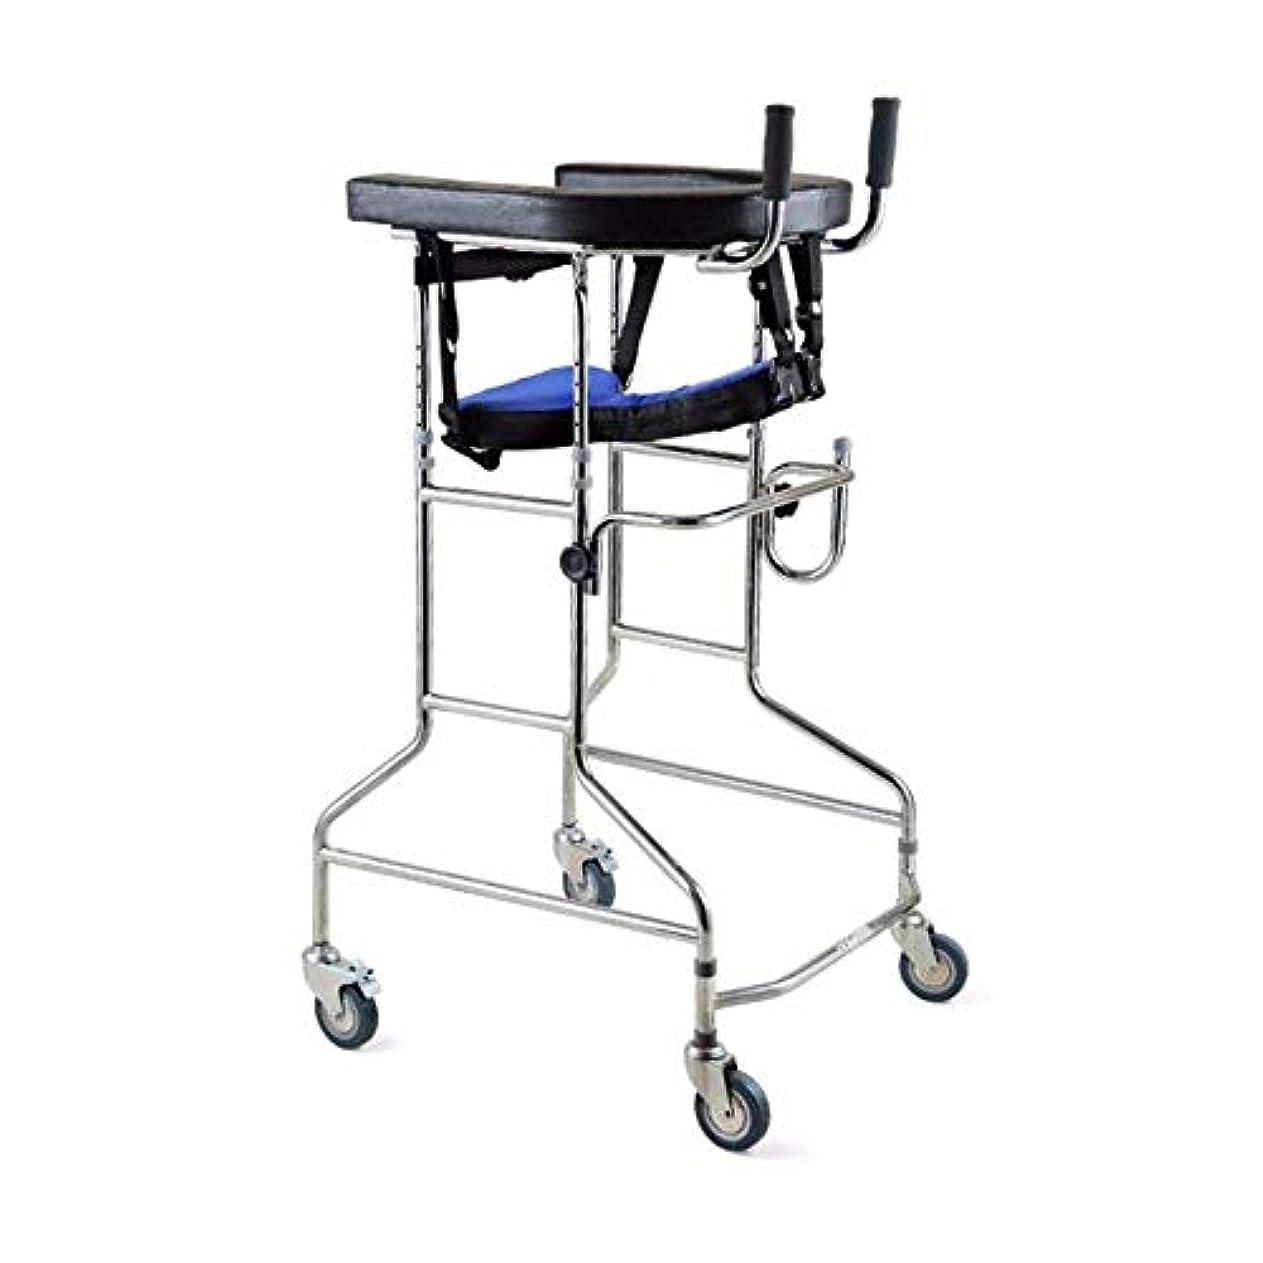 地図見捨てられた楕円形リハビリテーション歩行器、多機能高齢者歩行ブラケット、身体障害者用両腕歩行器 (Color : 黒)